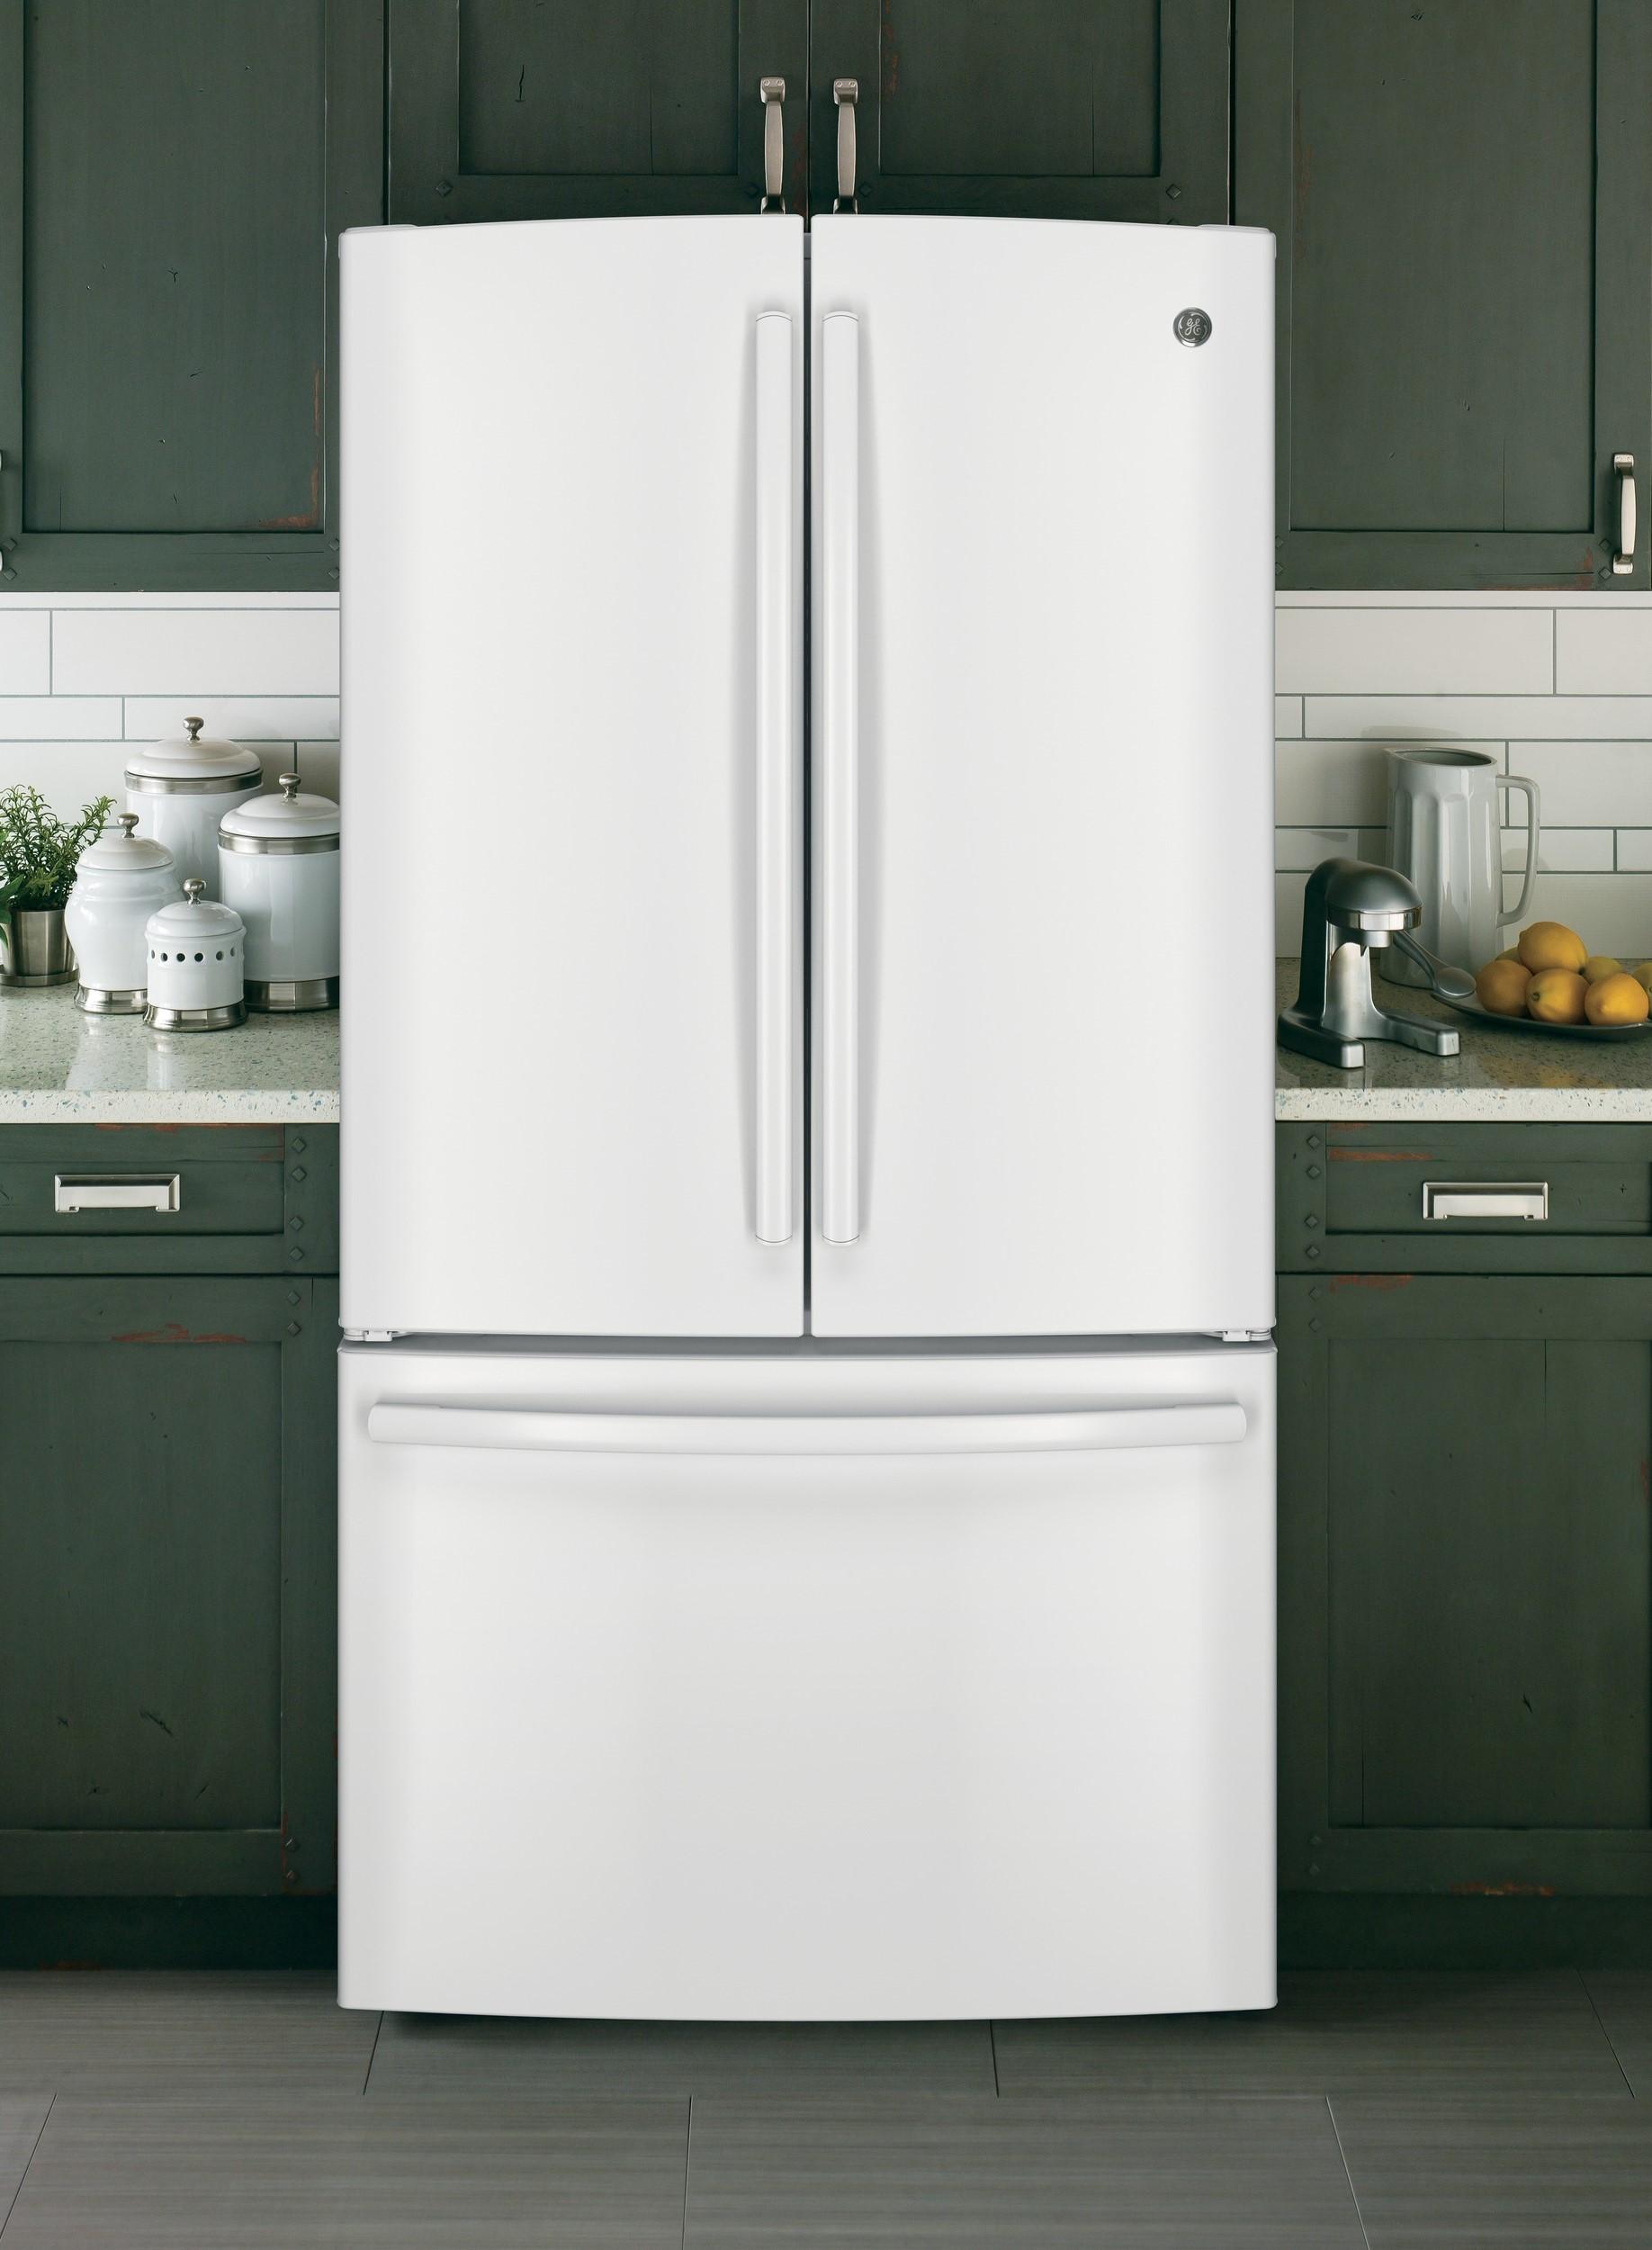 Cmo cambiar la temperatura en un refrigerador Frigidaire